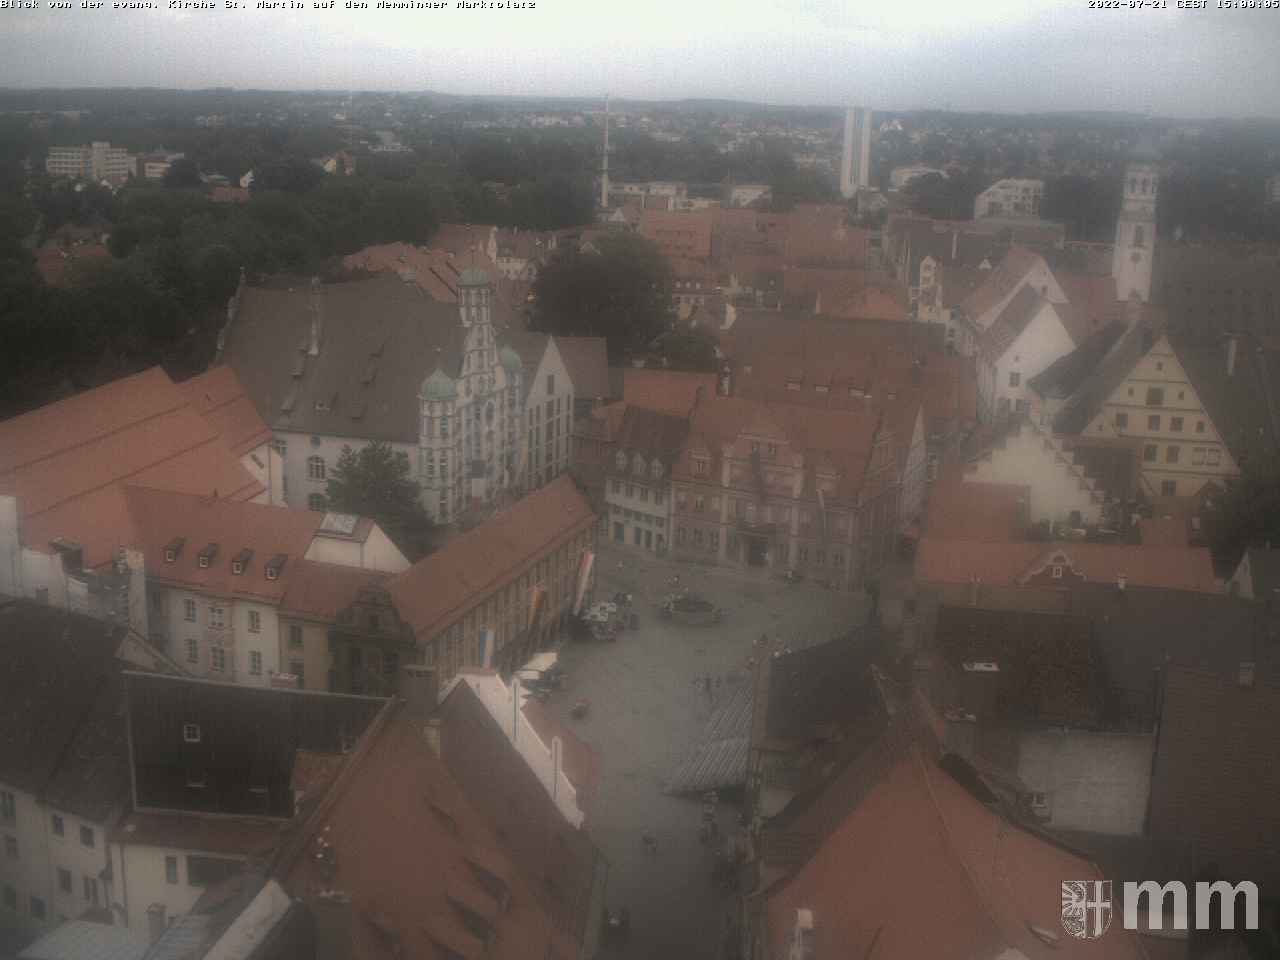 Panoramawebcam: Blick von der evang. Kirche St. Martin auf den Memminger Marktplatz